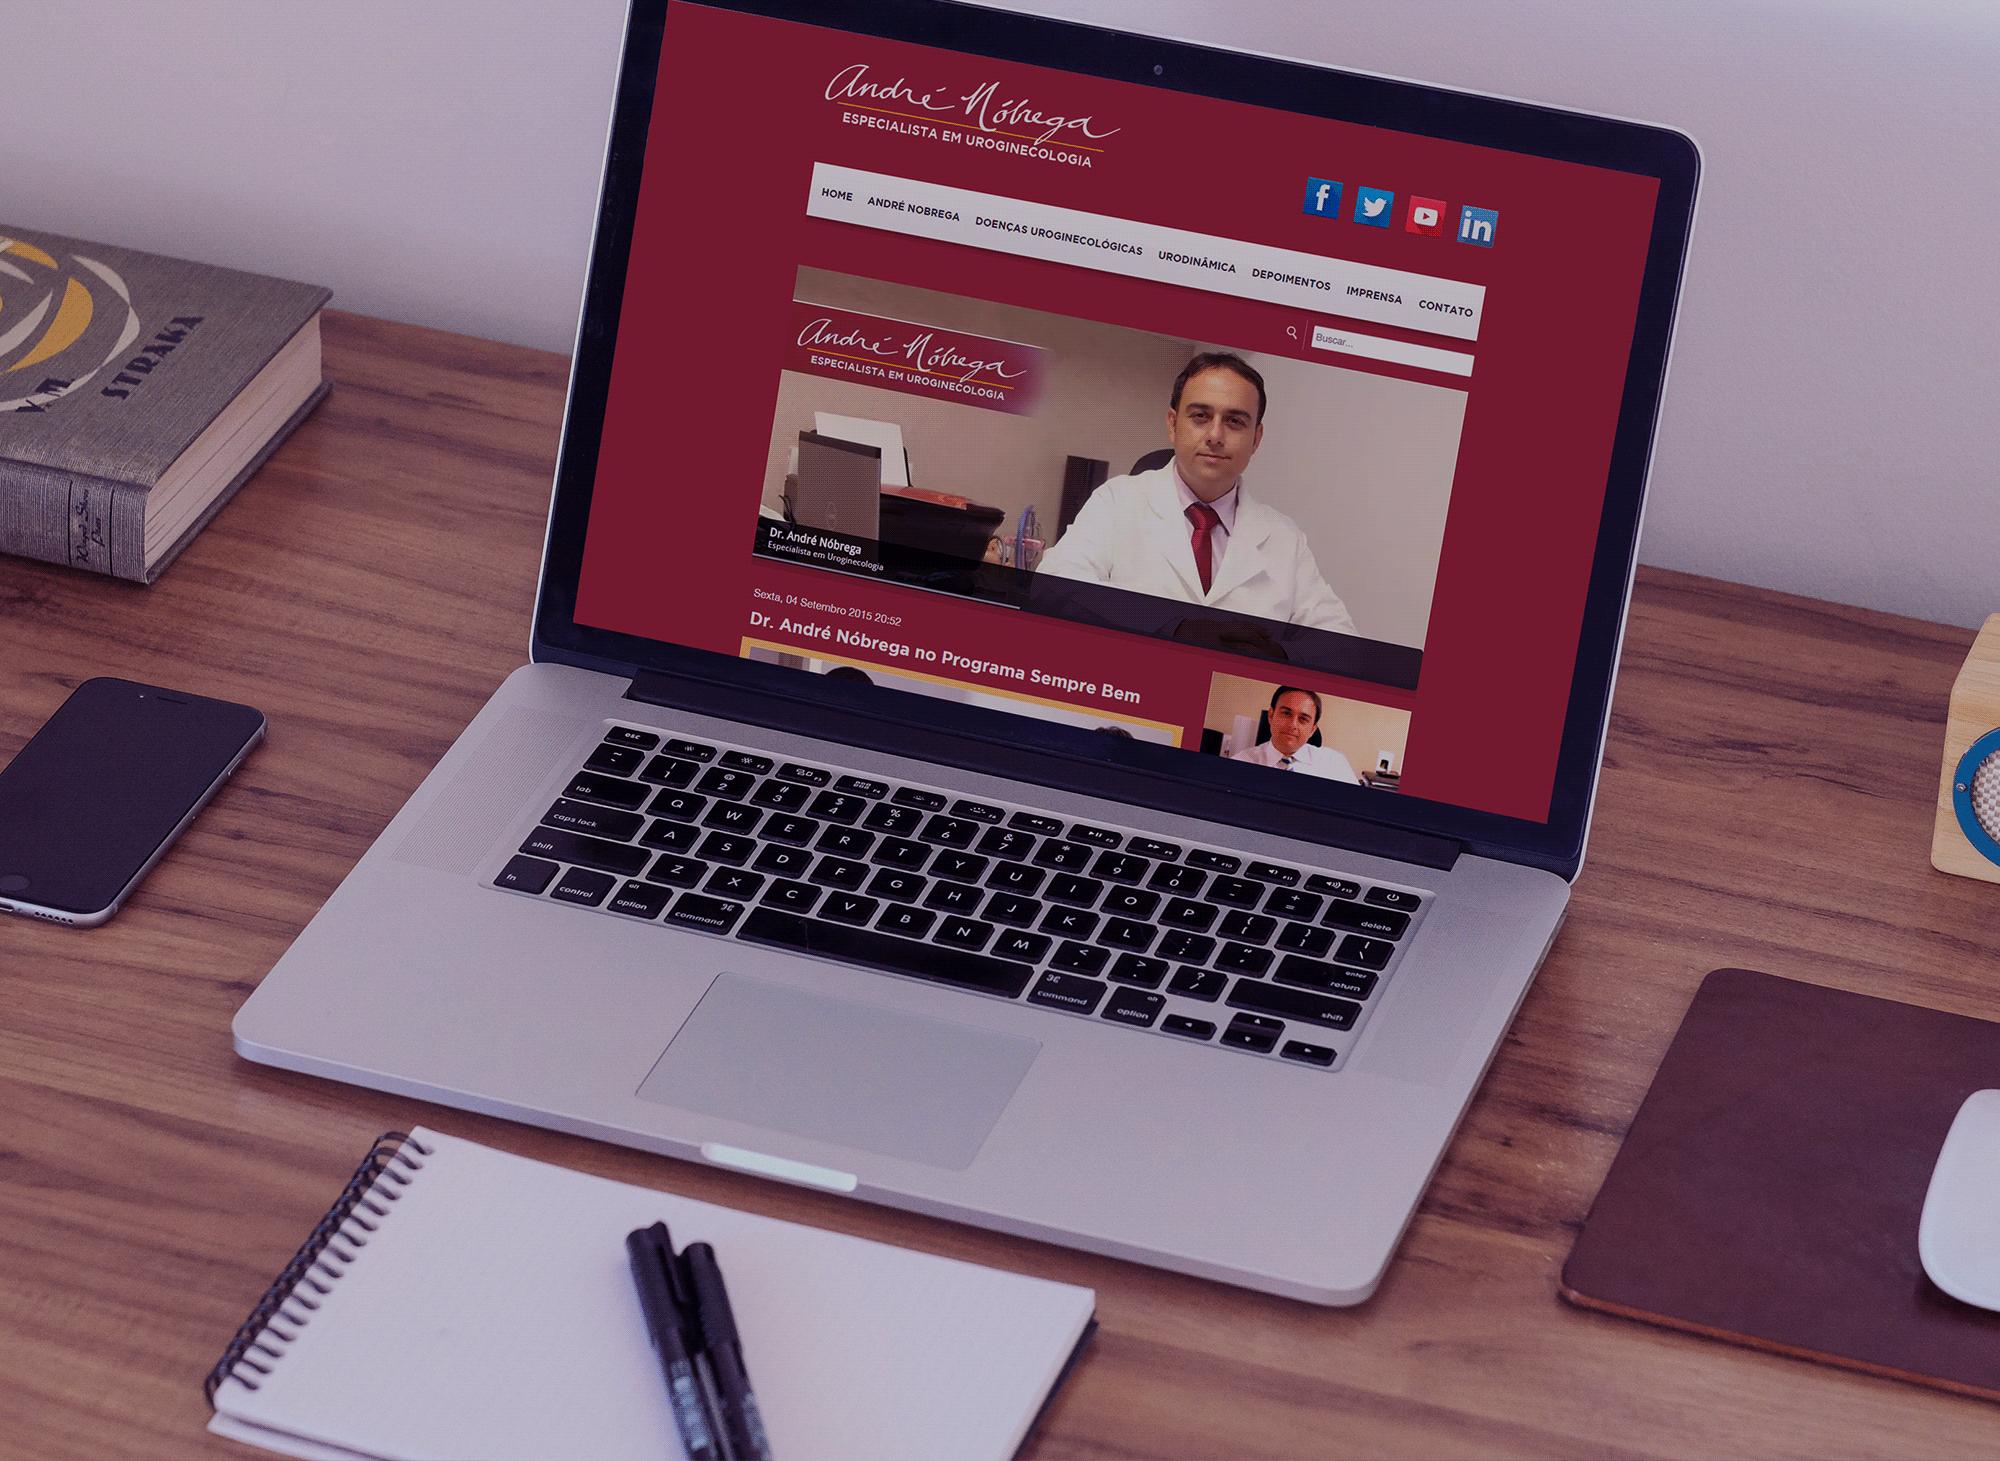 site-especialista-uroginecologia-dr-andre-nobrega-portfolio-criacao-sites-agencia-diretriz-digital-marketing